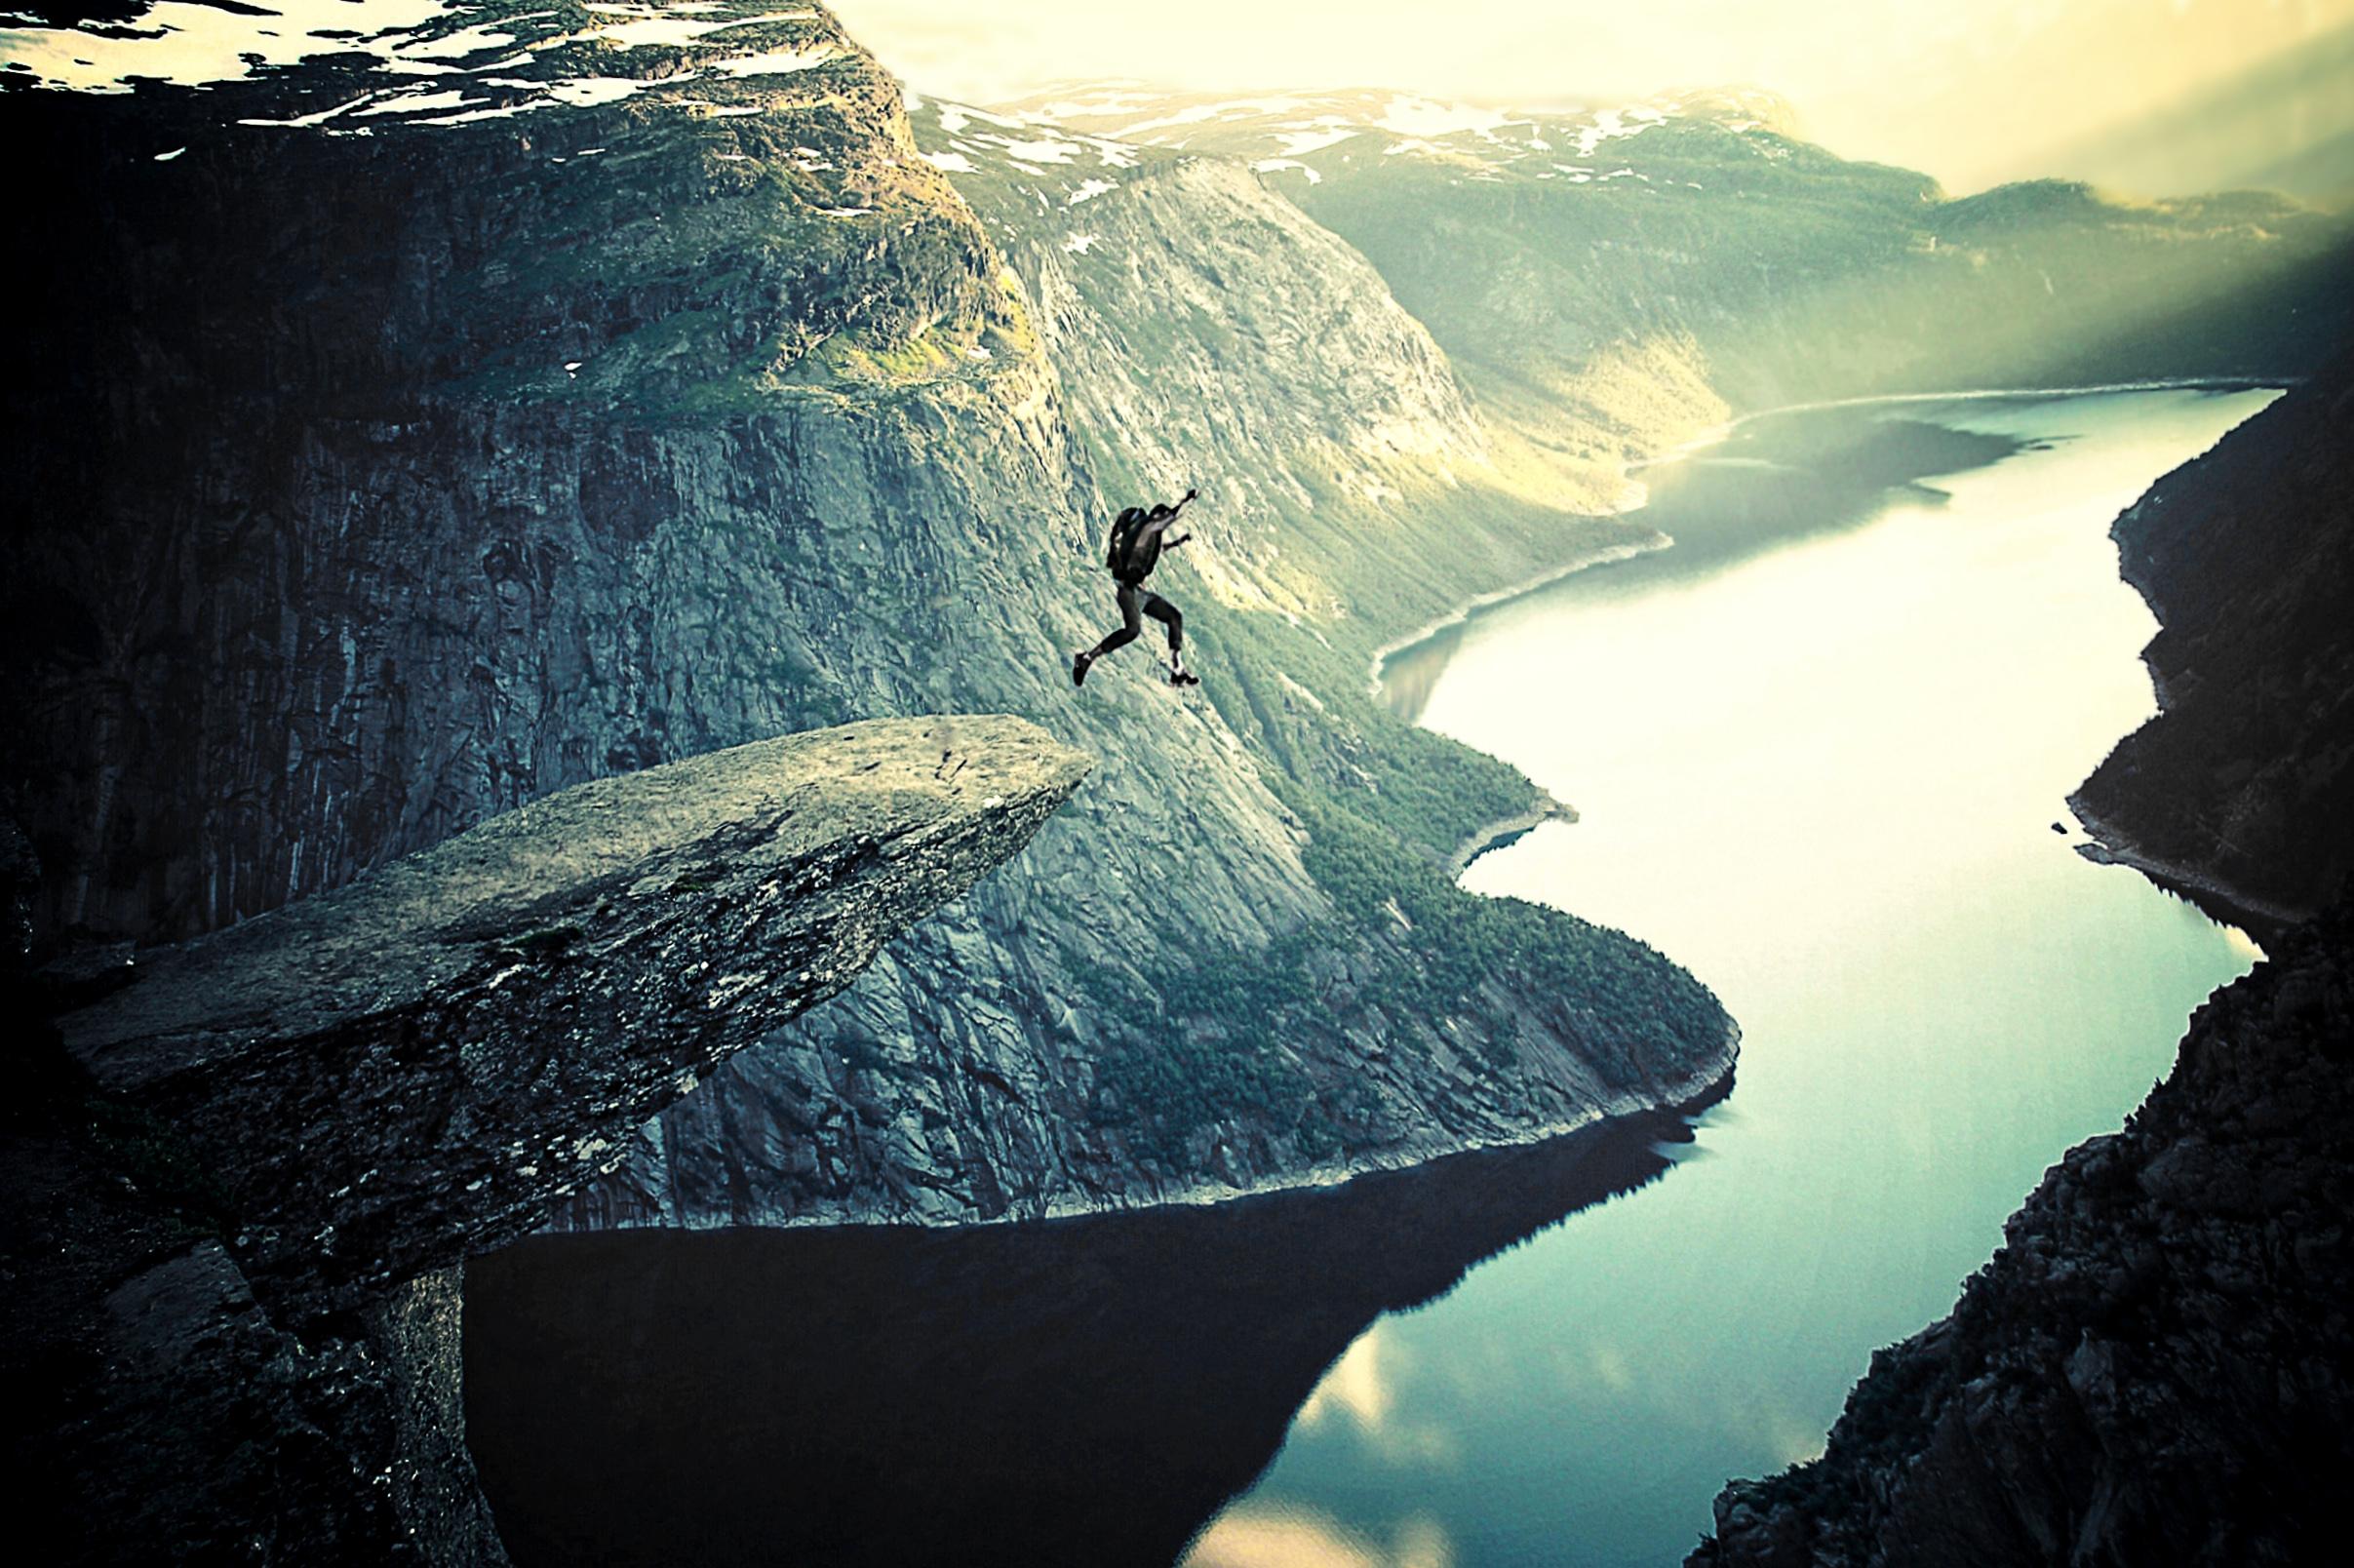 Into thin air - base jumping photo